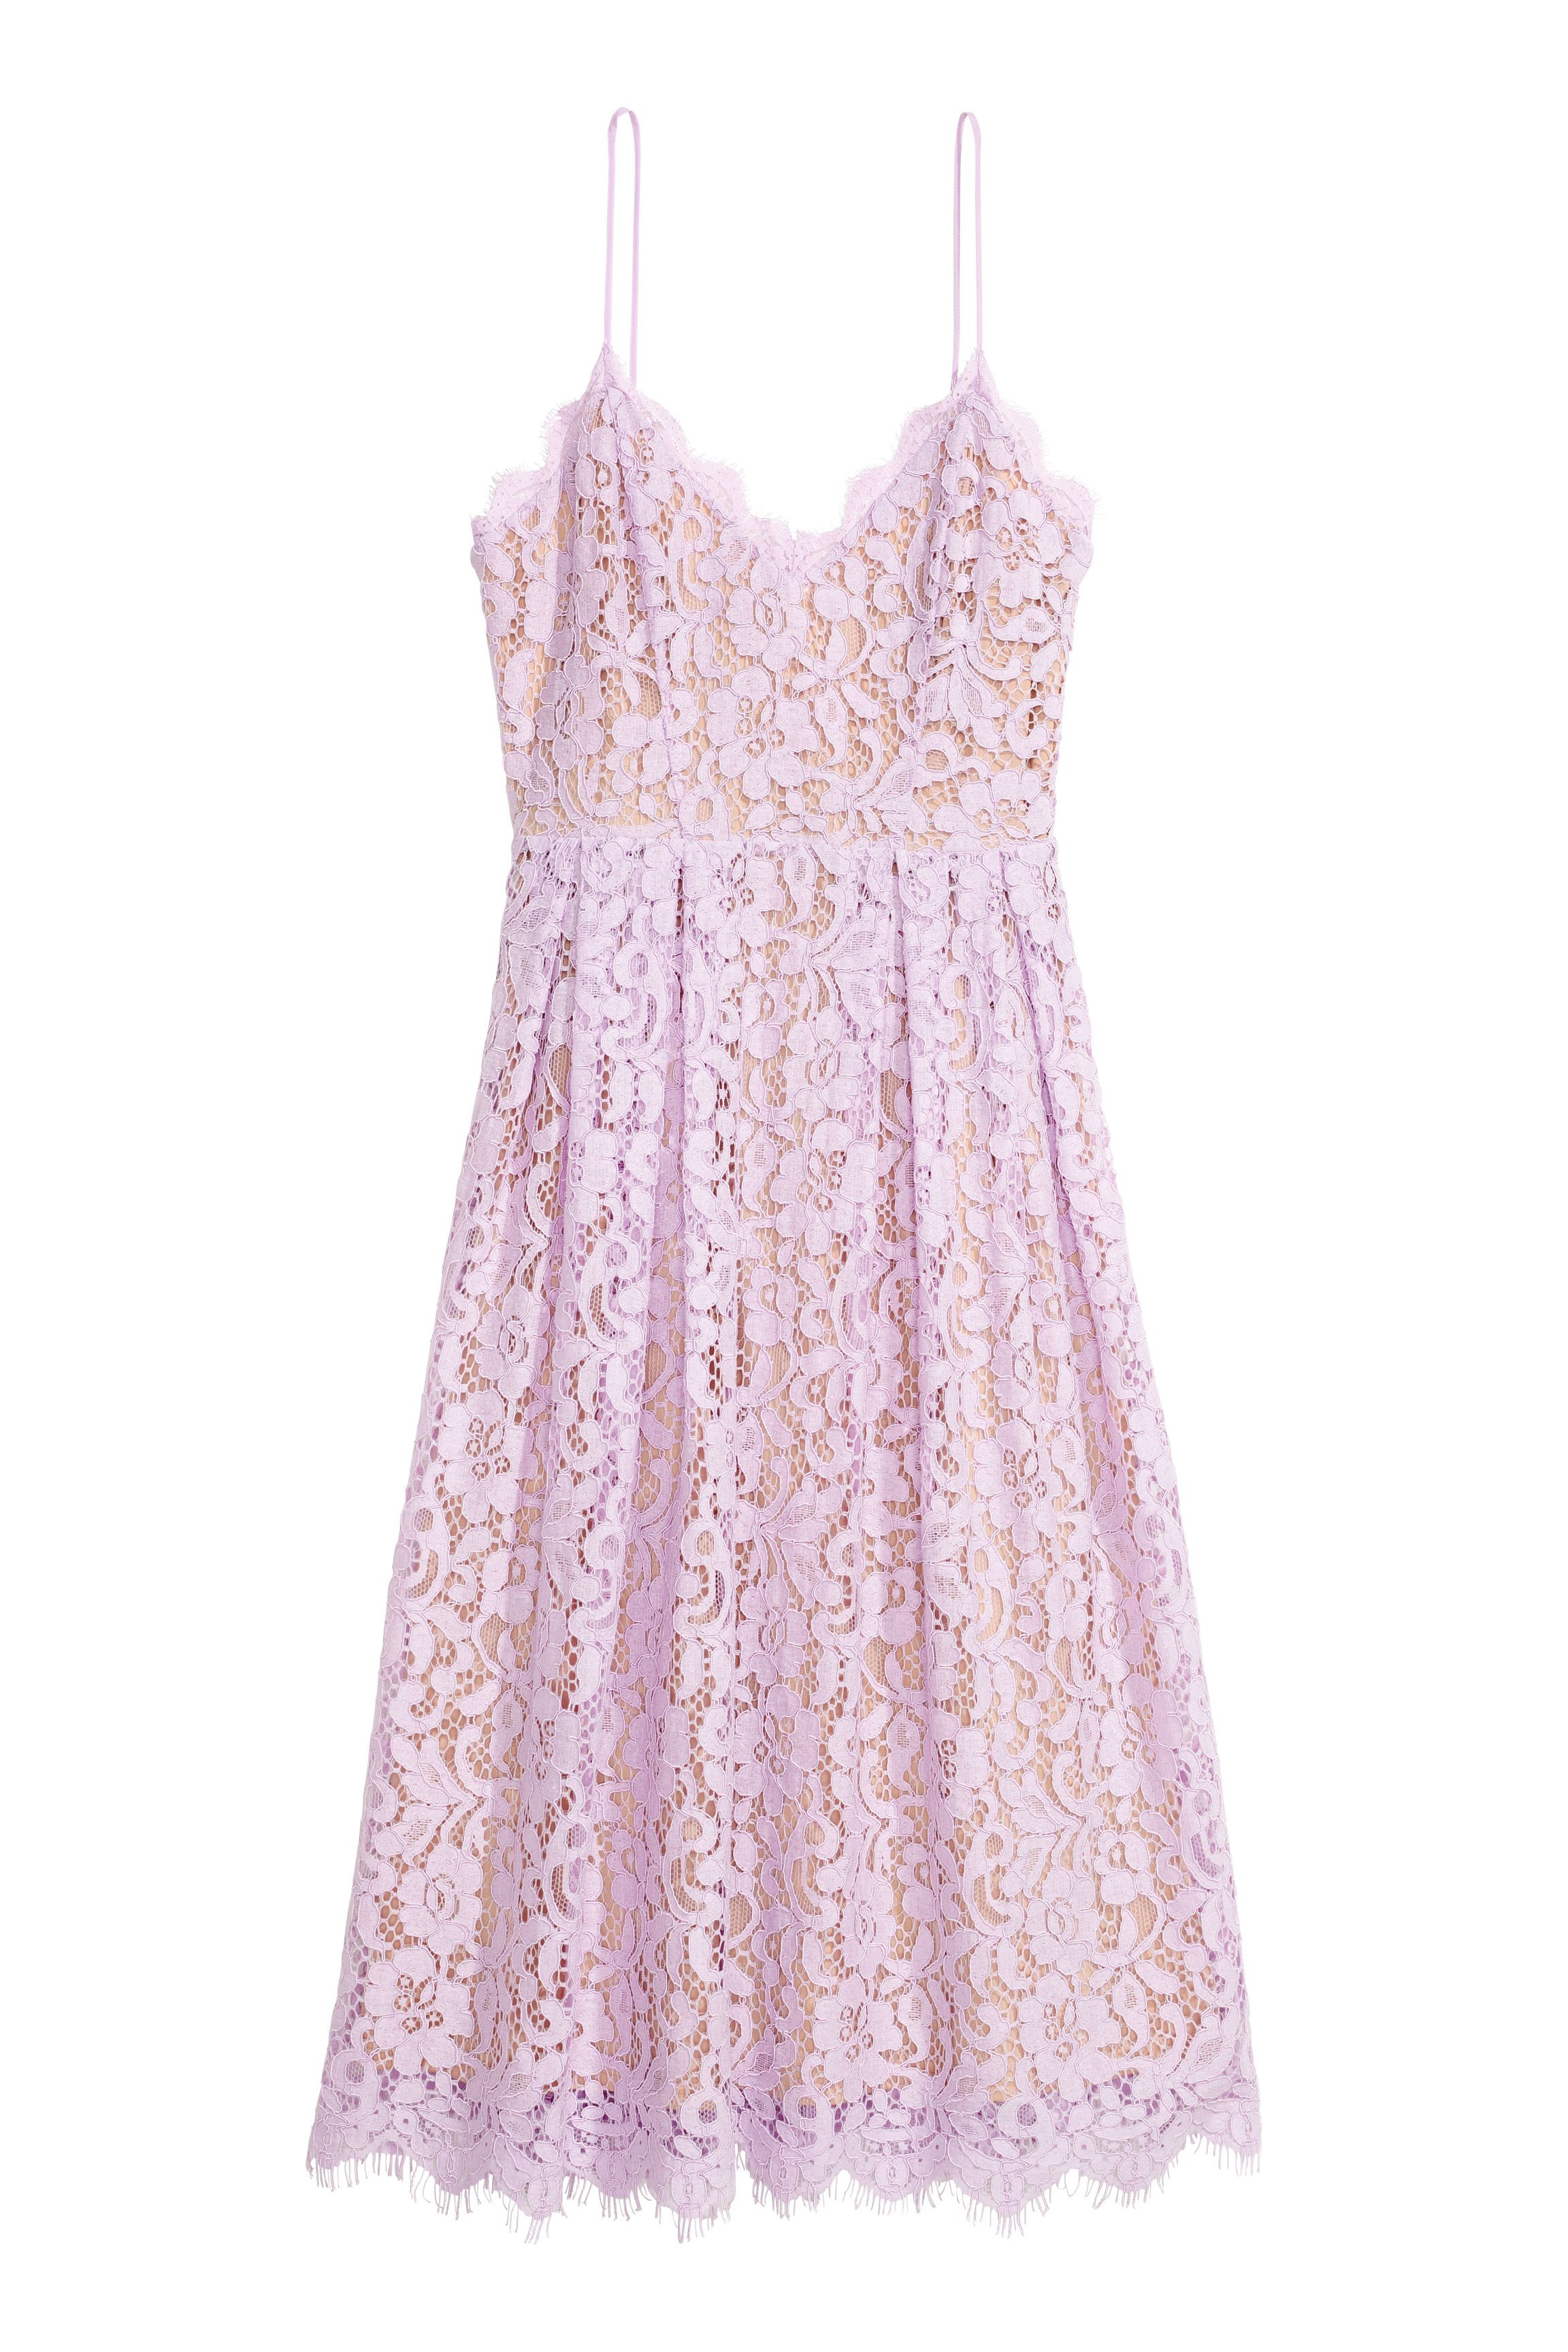 H&m lace dress white  Lace dress  Light purple Lace dress and Zip